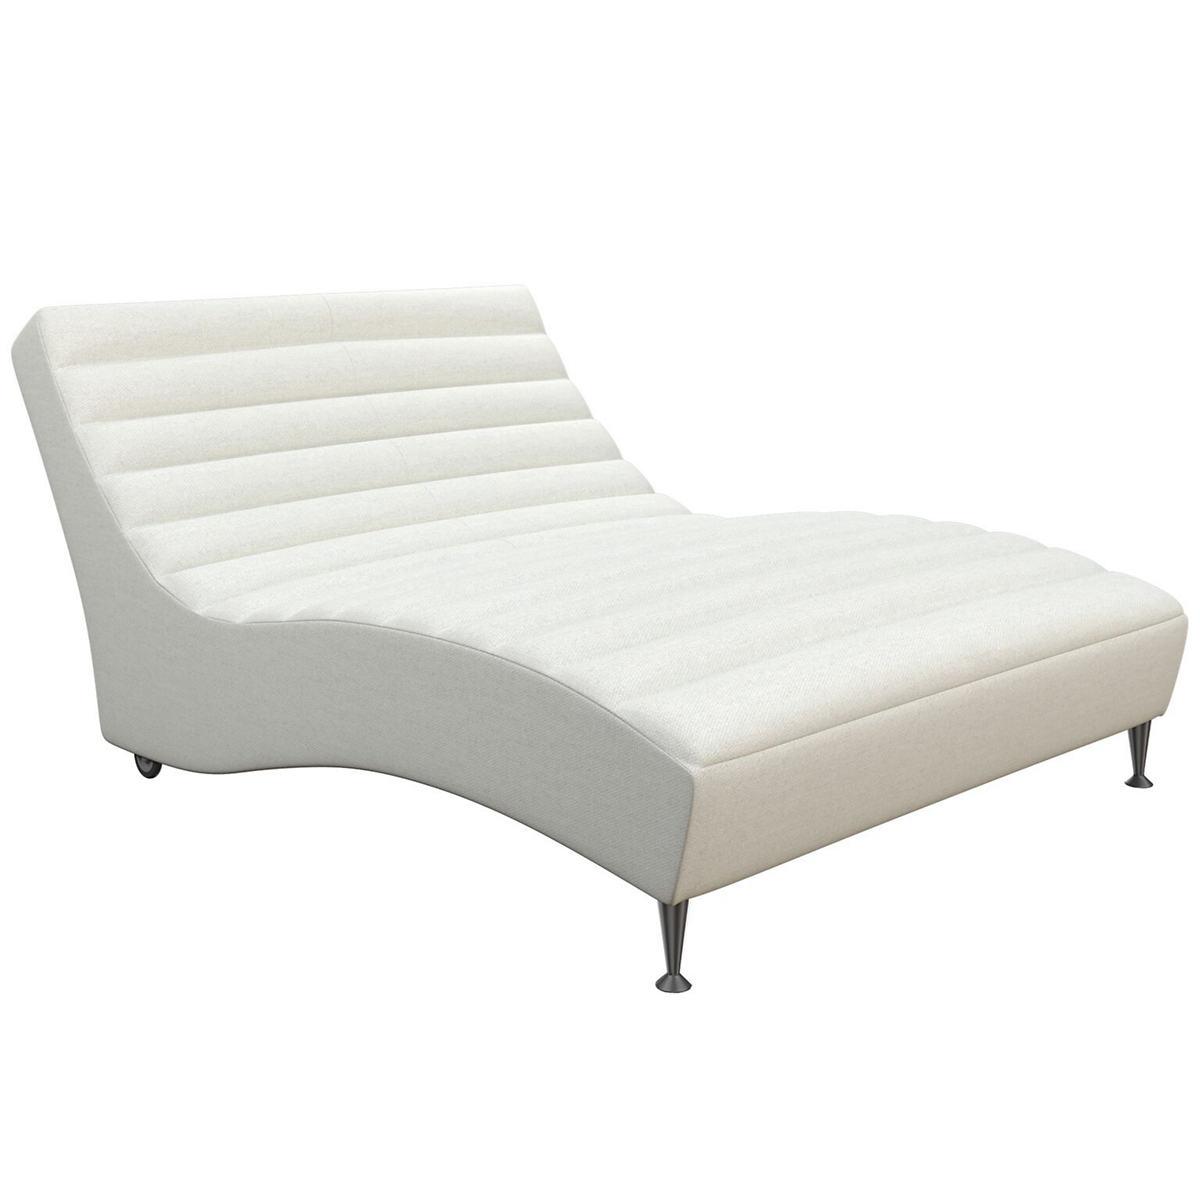 Sunbrella Linen White Canvas Wave Chaise